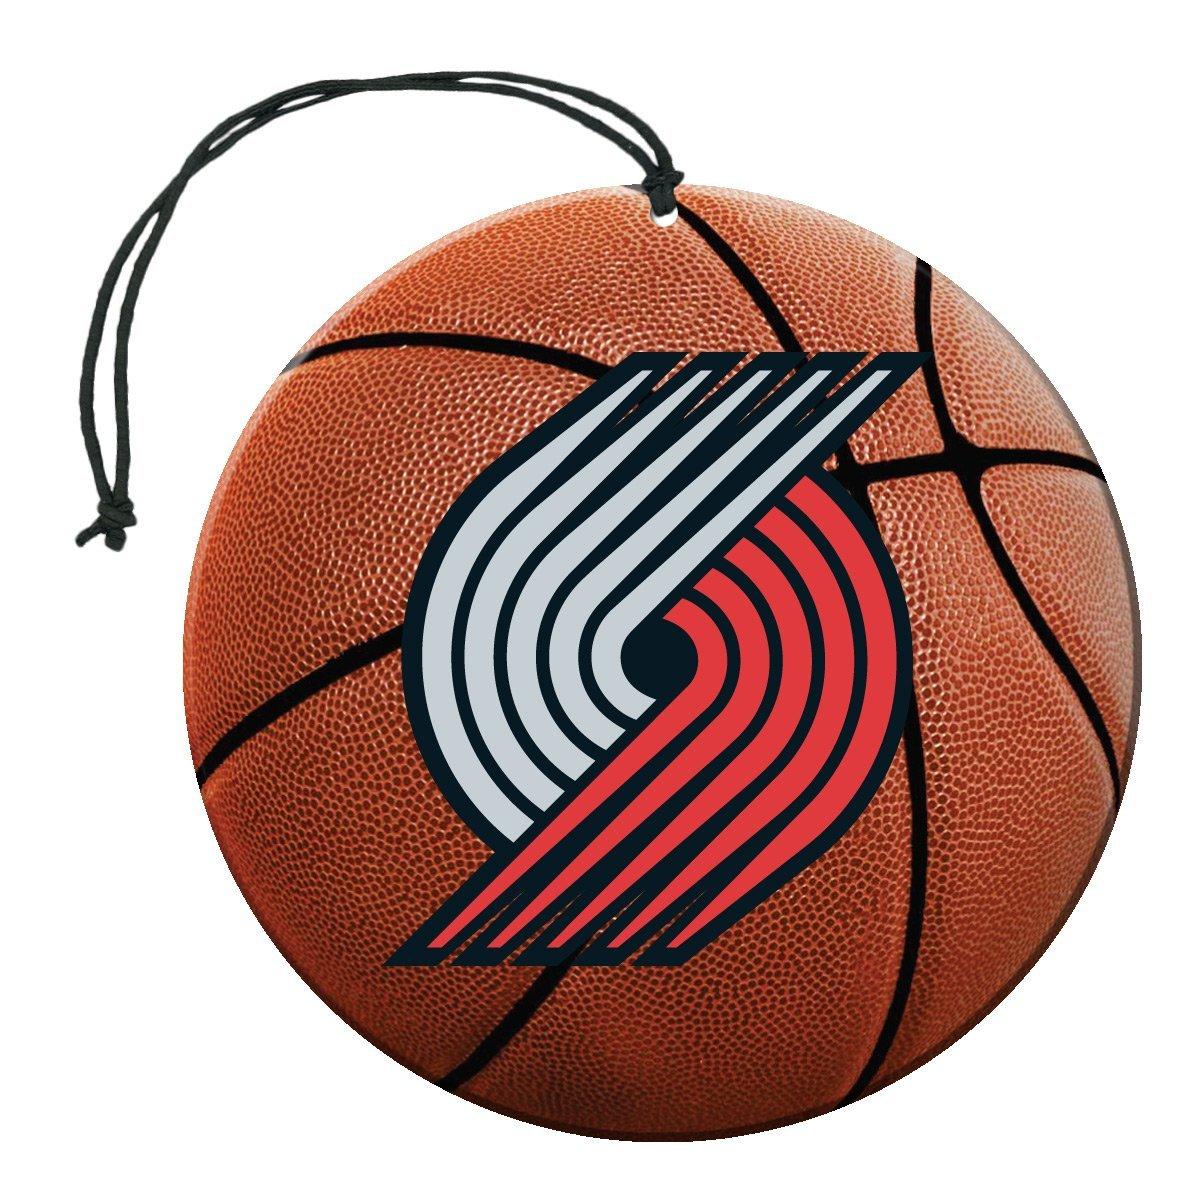 NBA Air Freshener (3 Pack) 3-Pack ProMark AFNB01